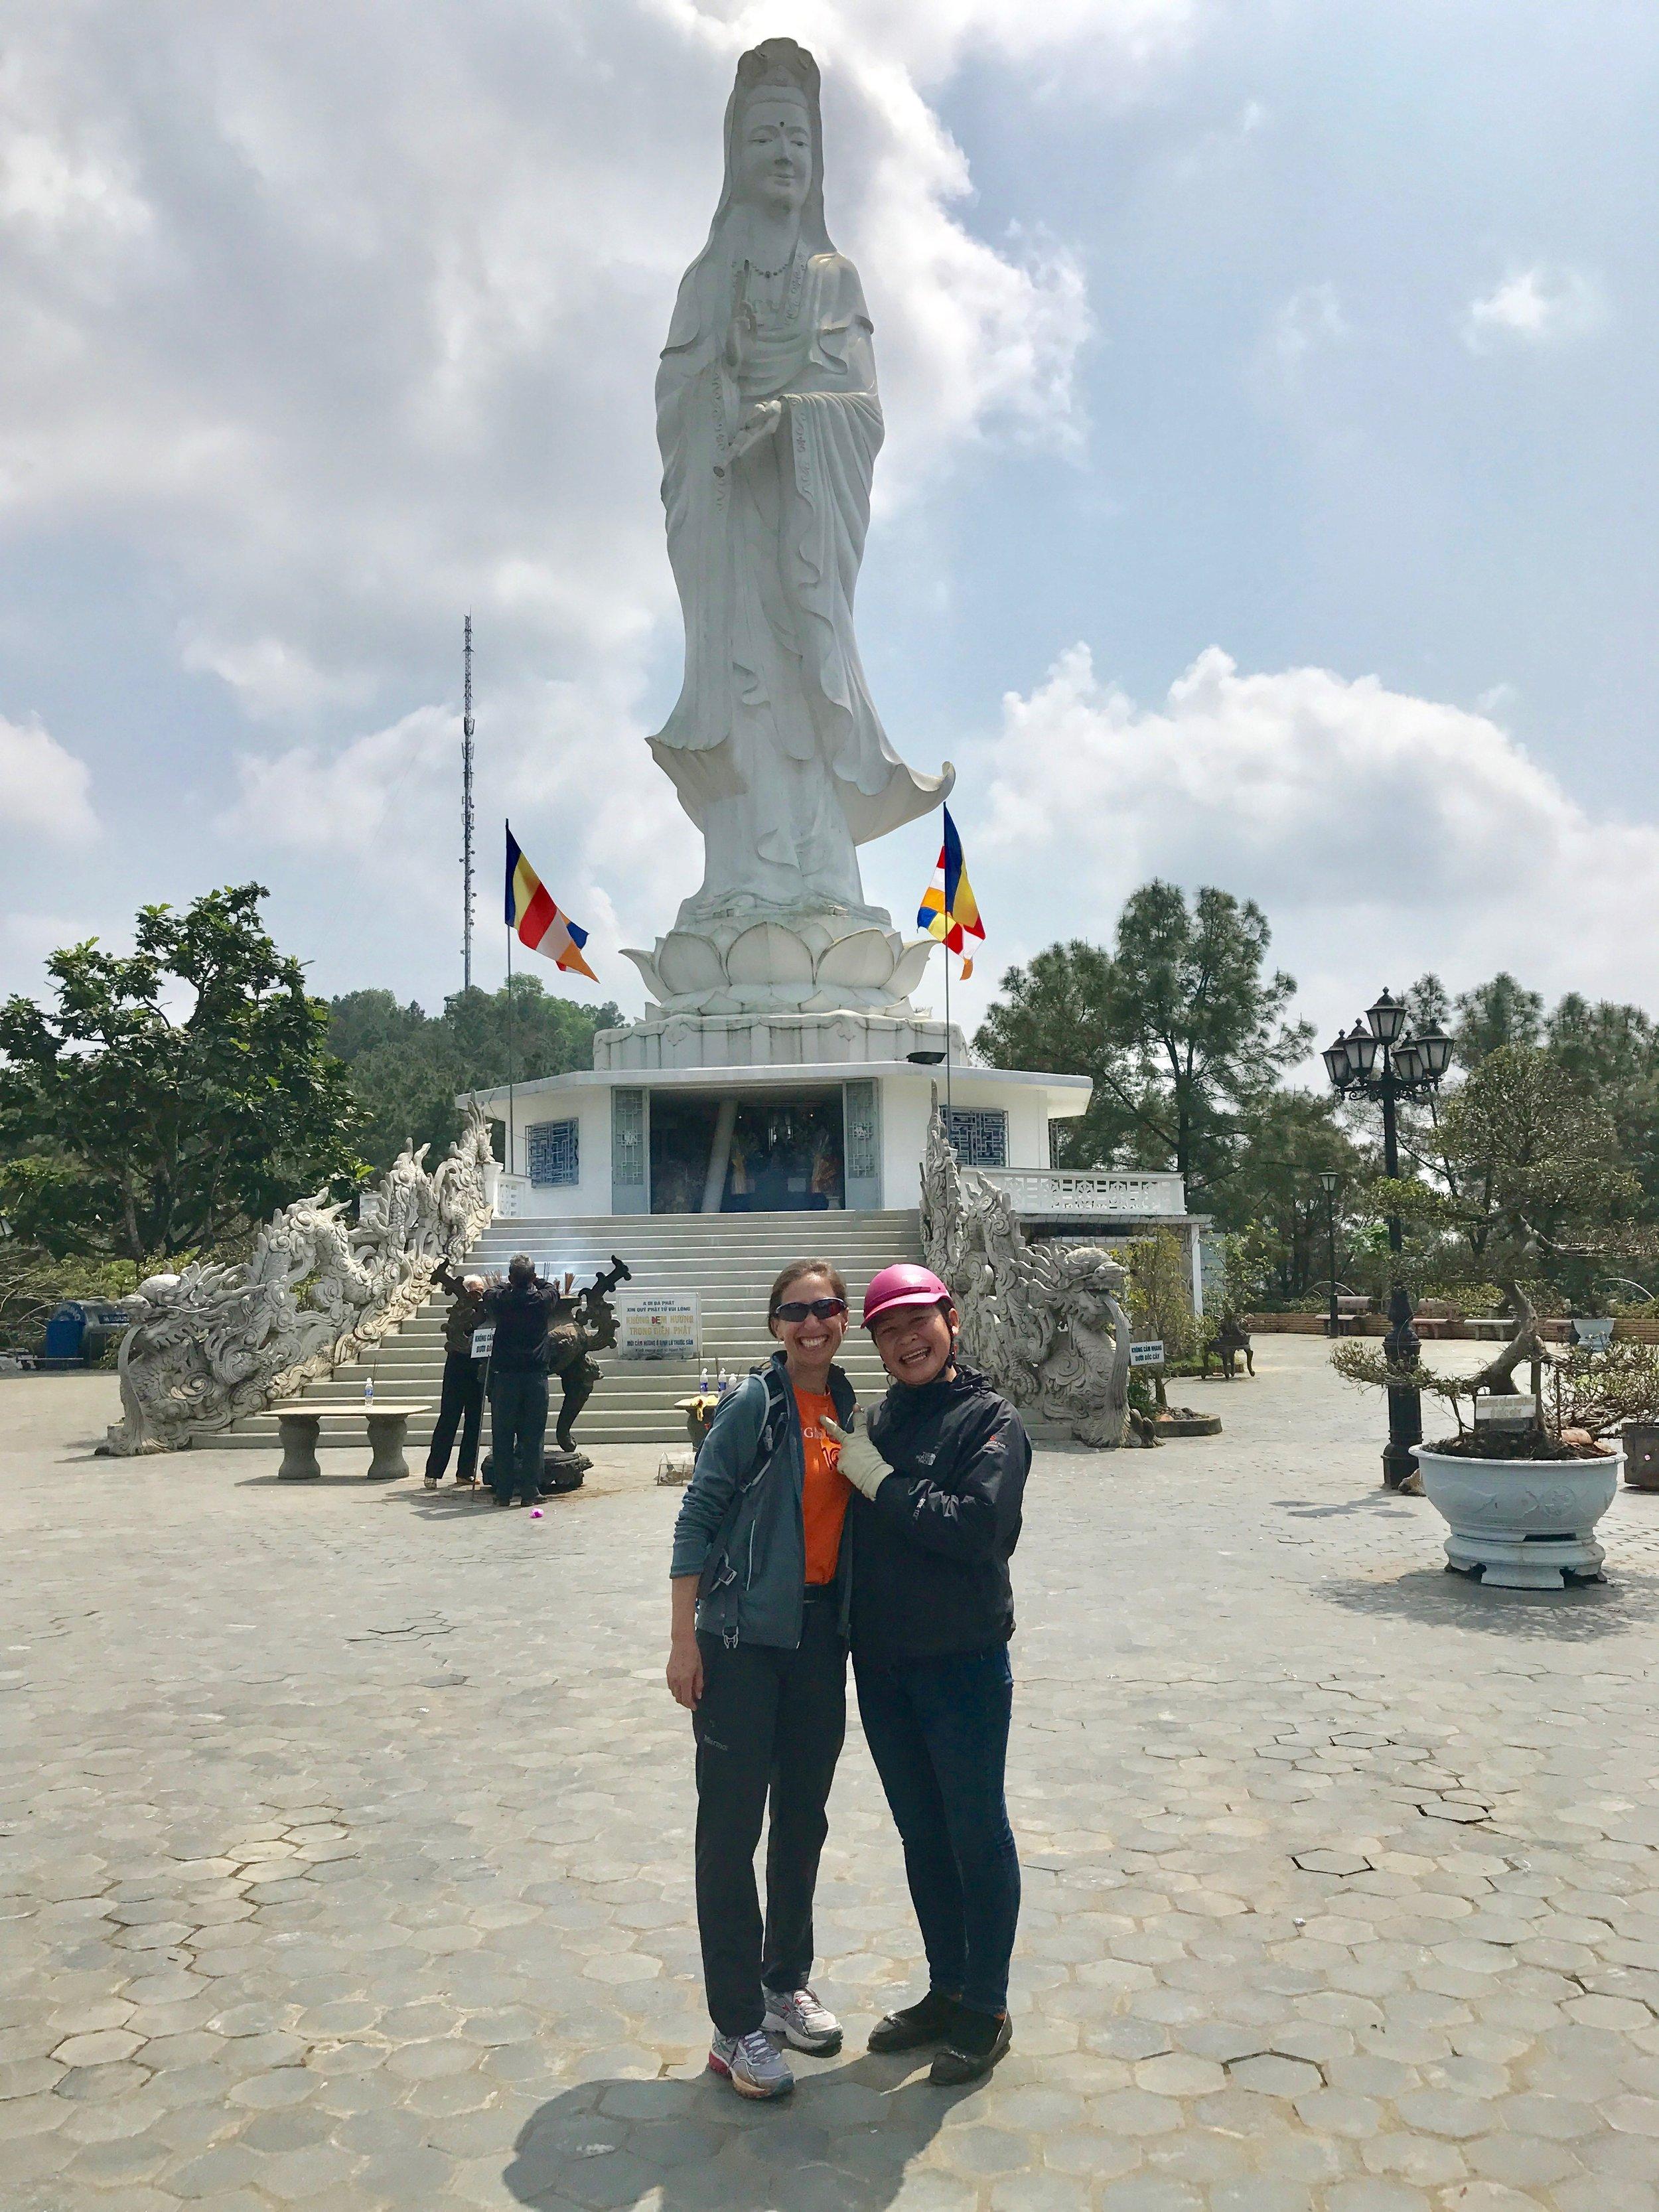 Lisa and DEng at the Budda statue